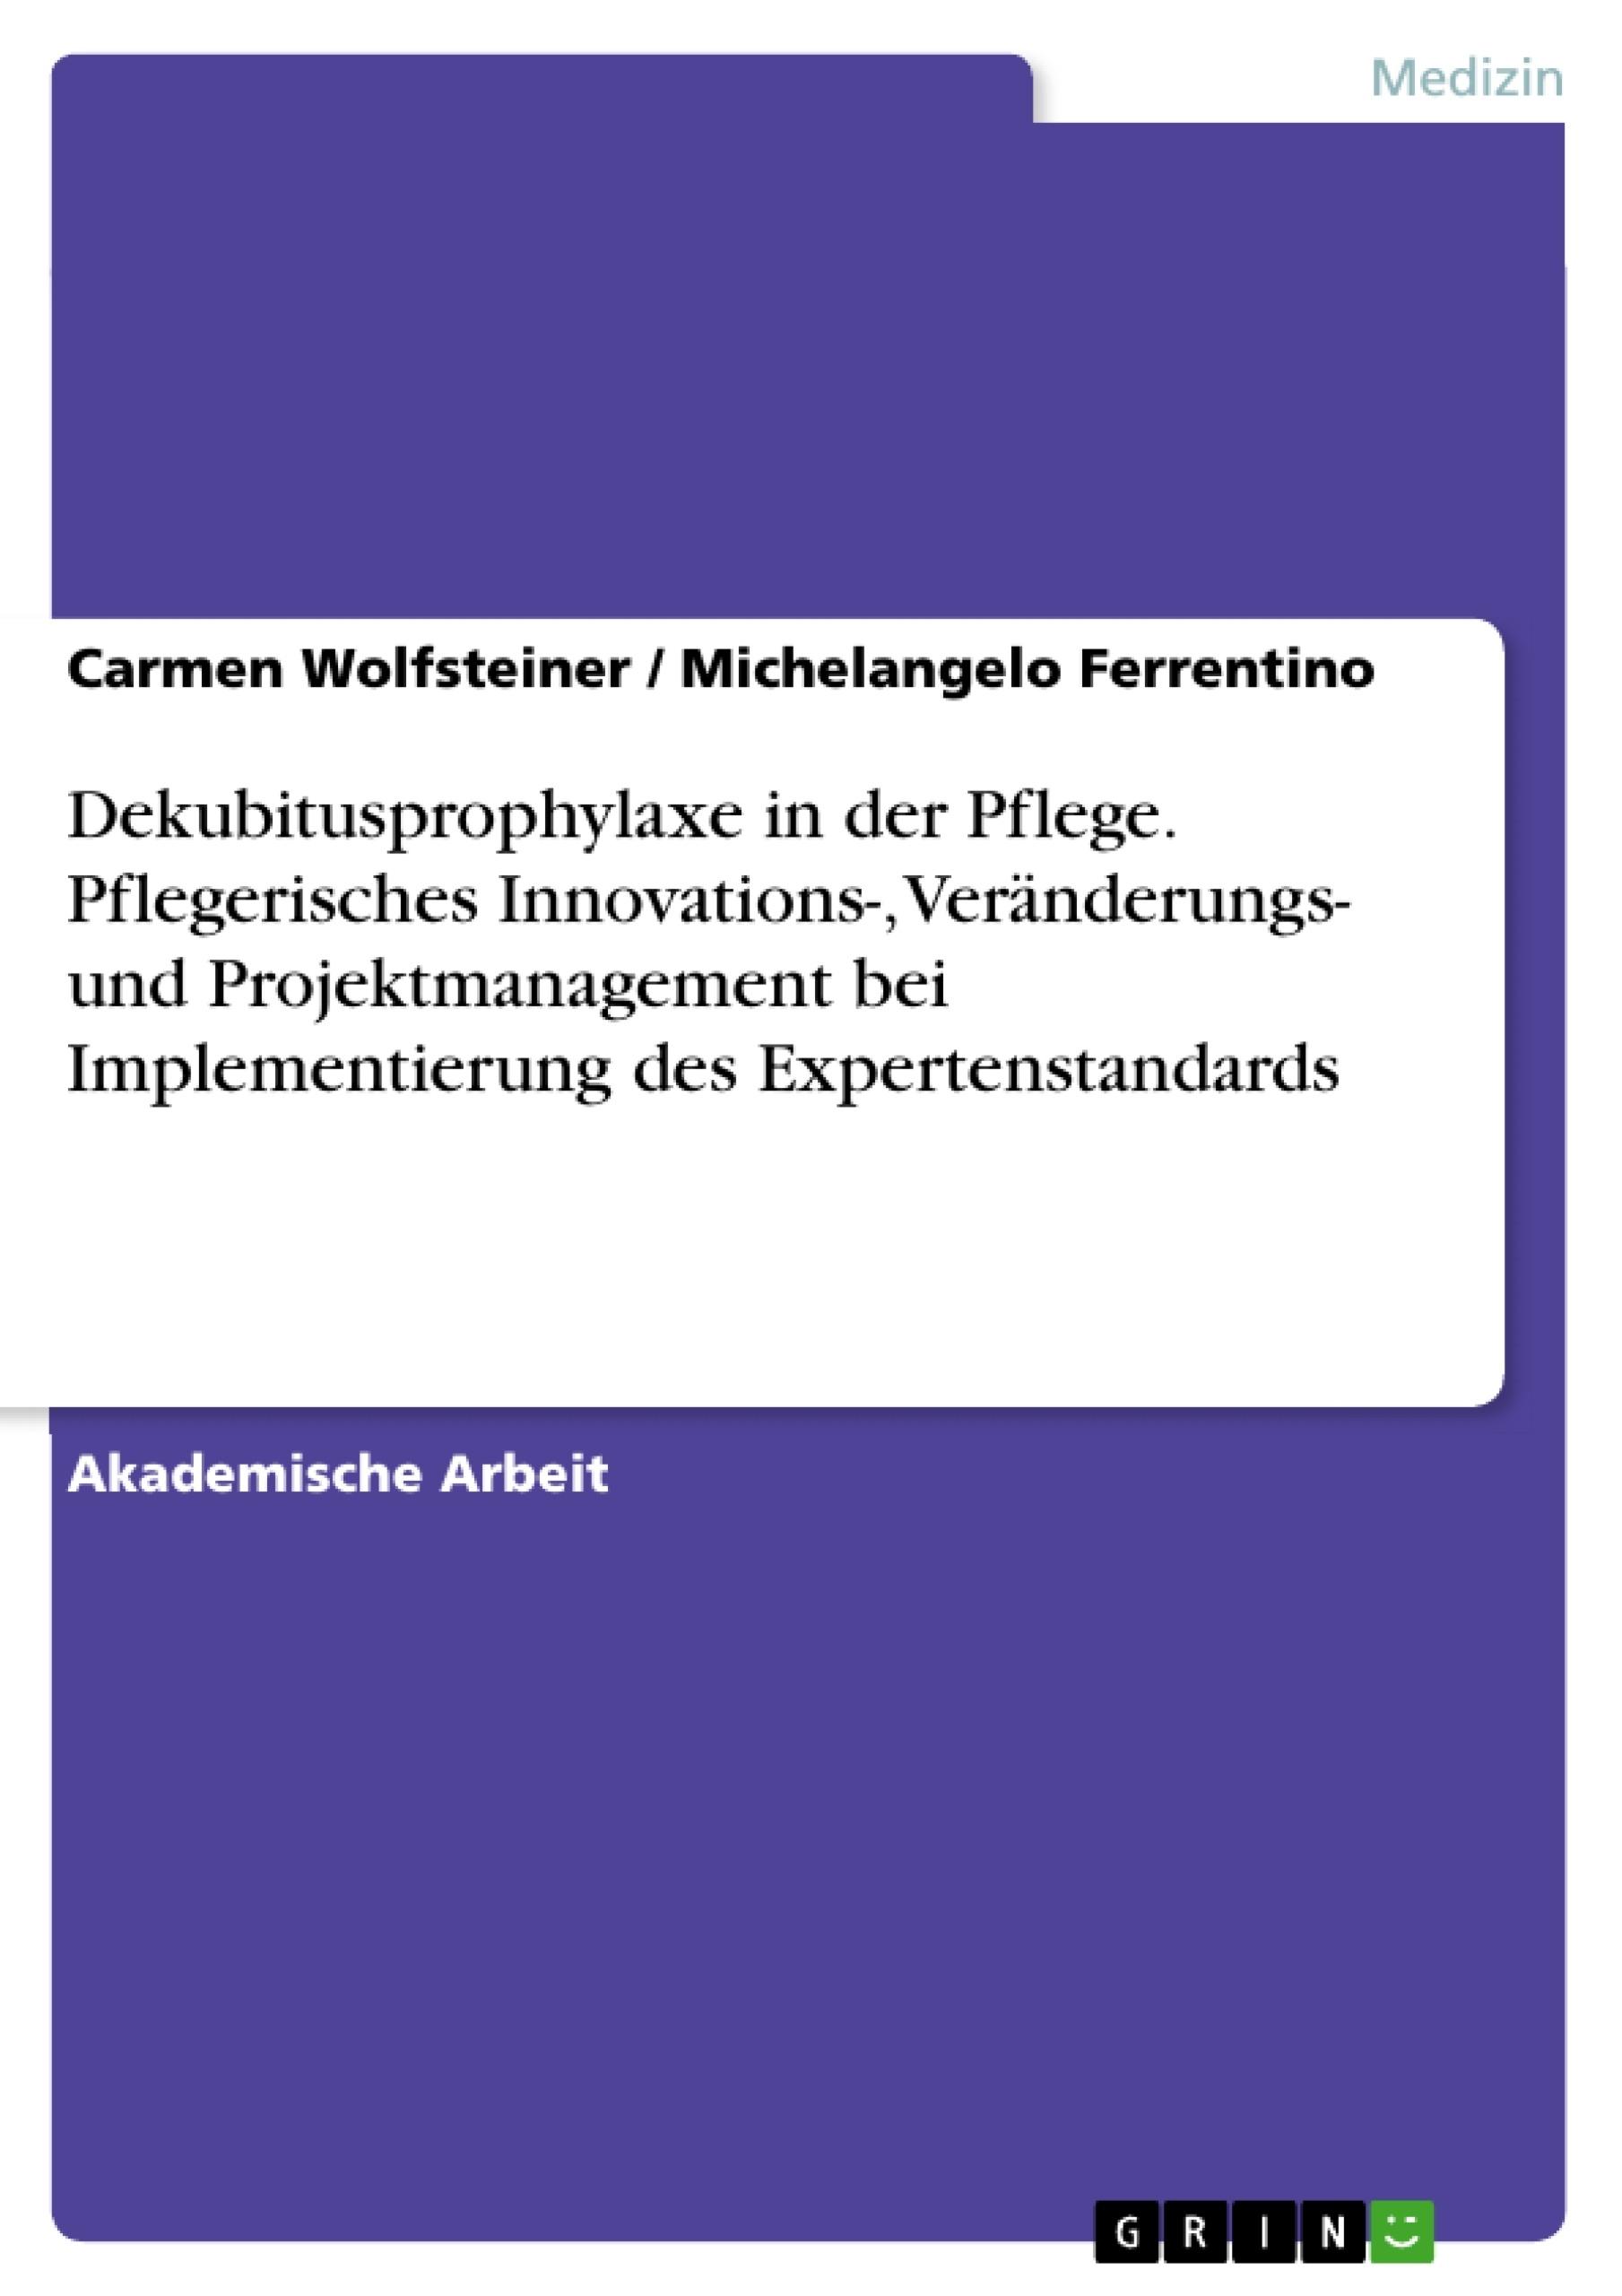 Titel: Dekubitusprophylaxe in der Pflege. Pflegerisches Innovations-, Veränderungs- und Projektmanagement bei Implementierung des Expertenstandards